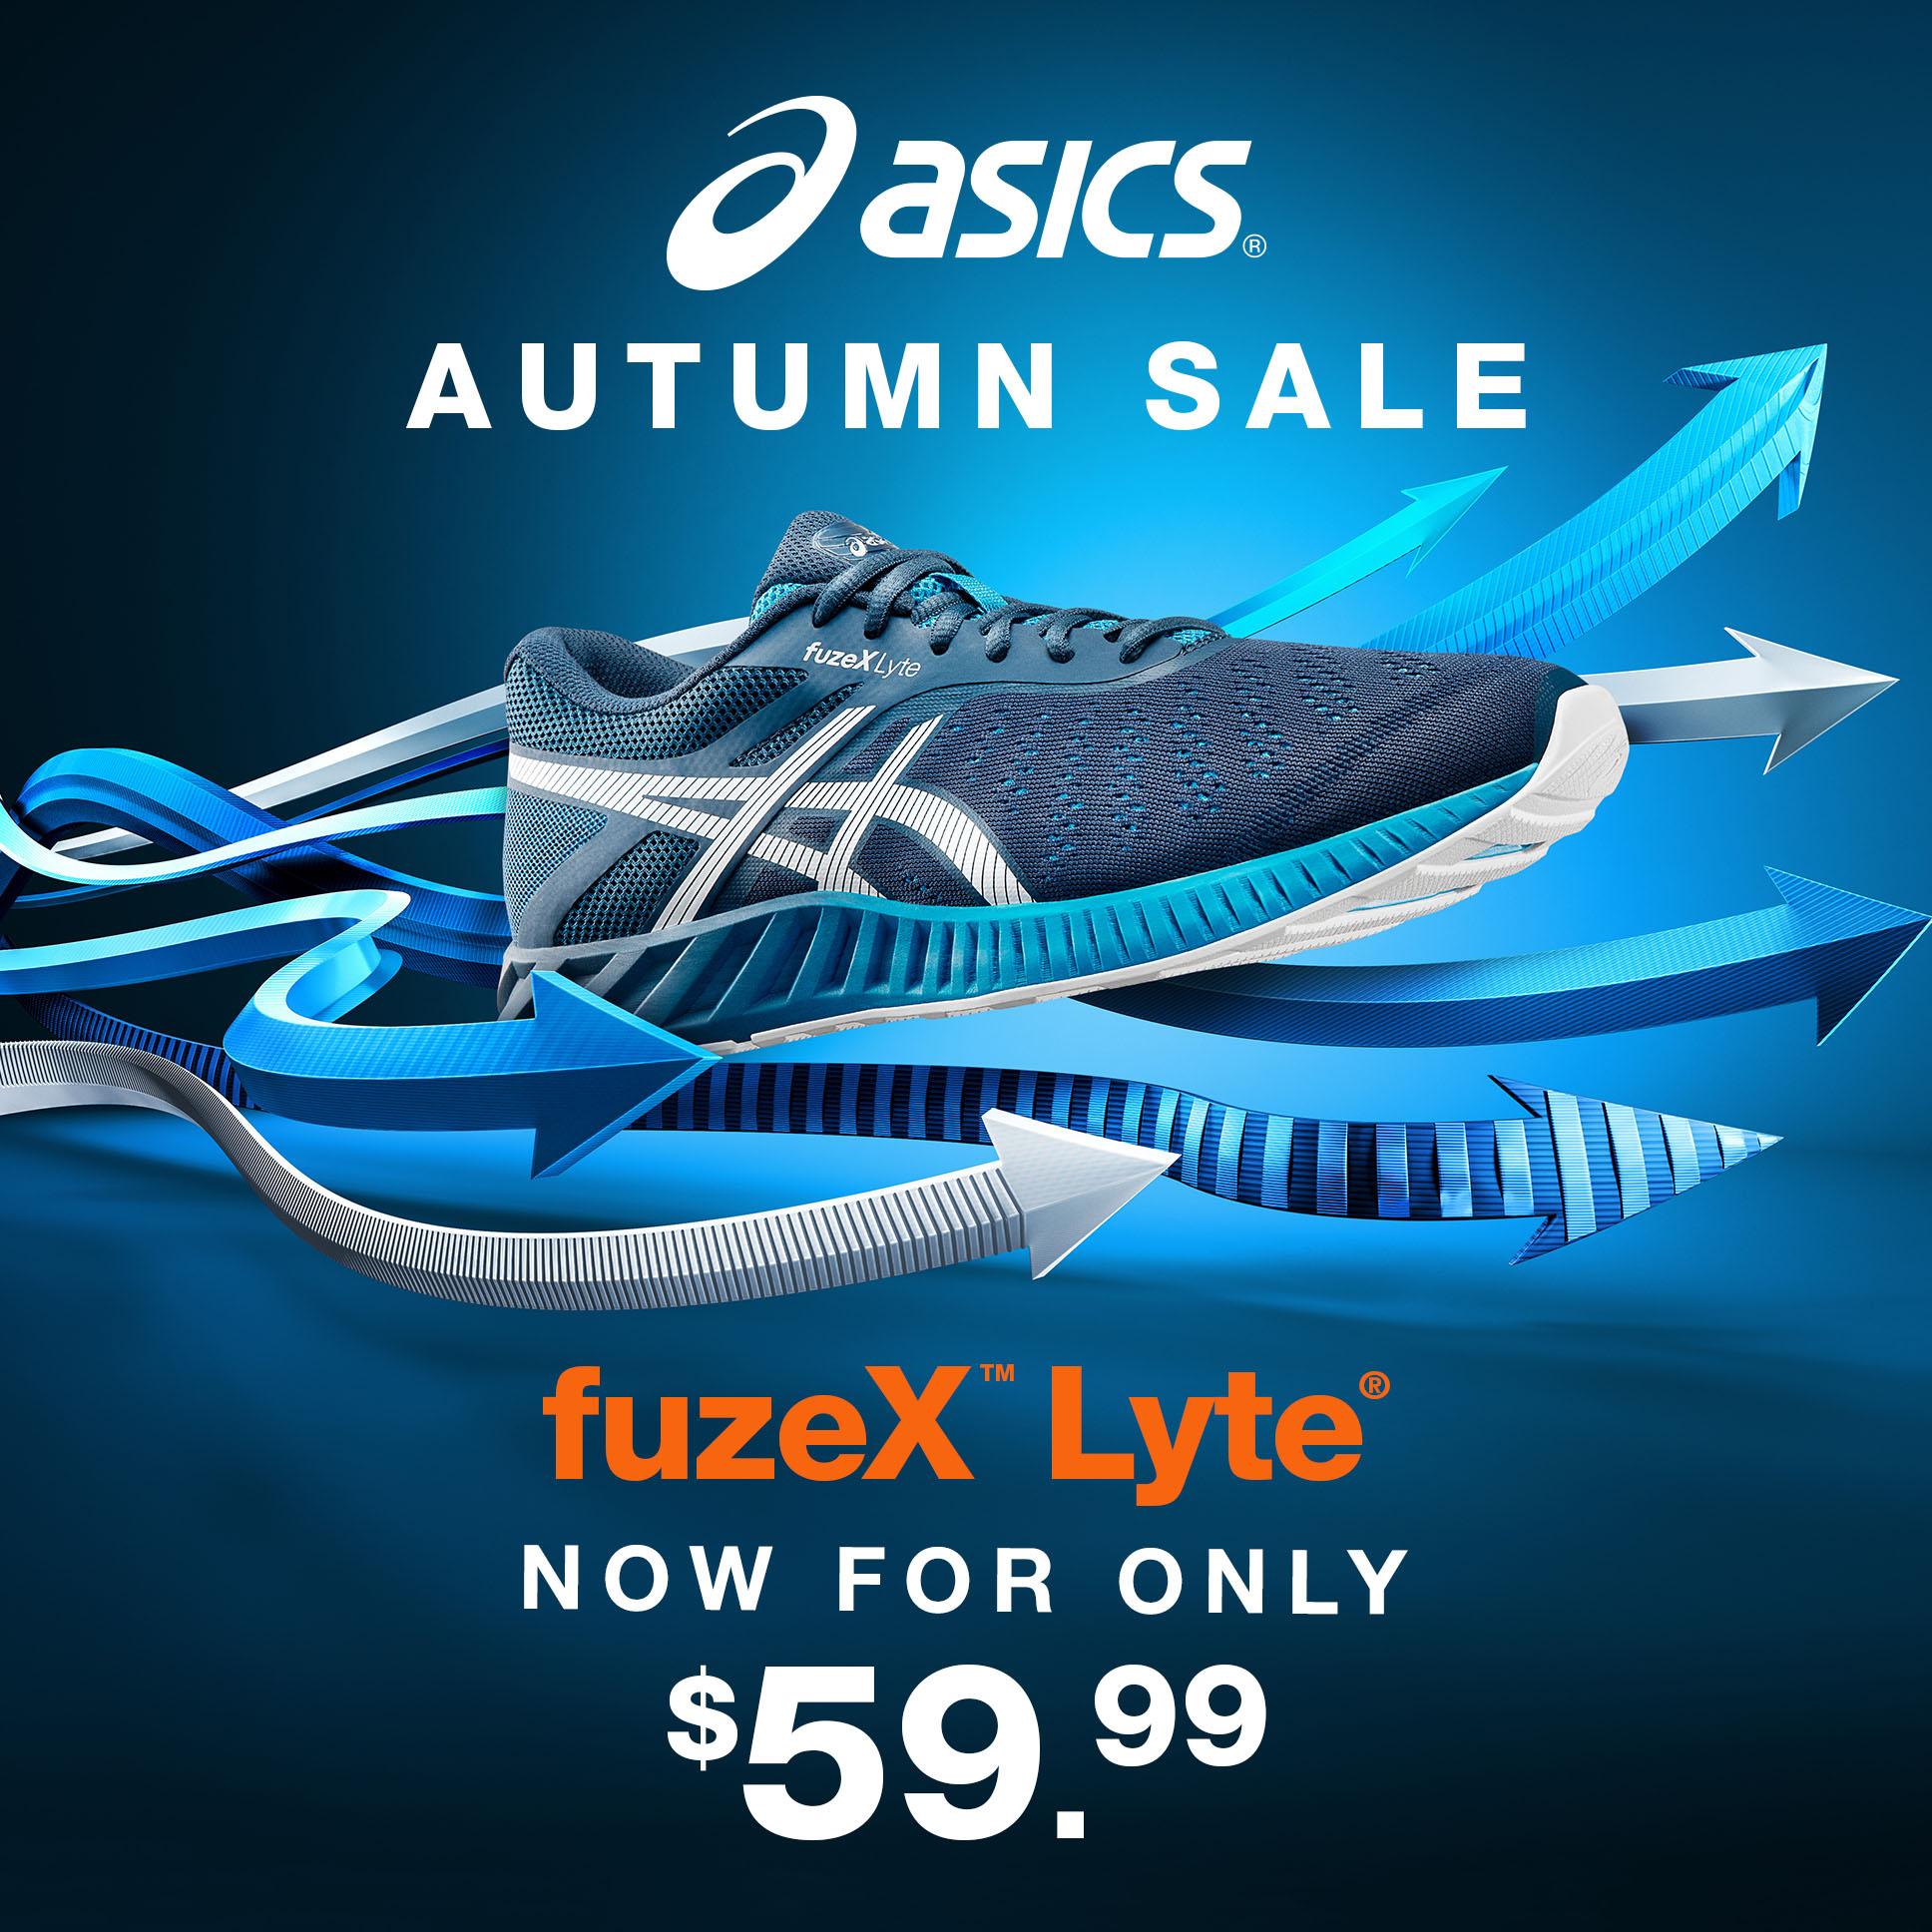 ASICS® Autumn Sale